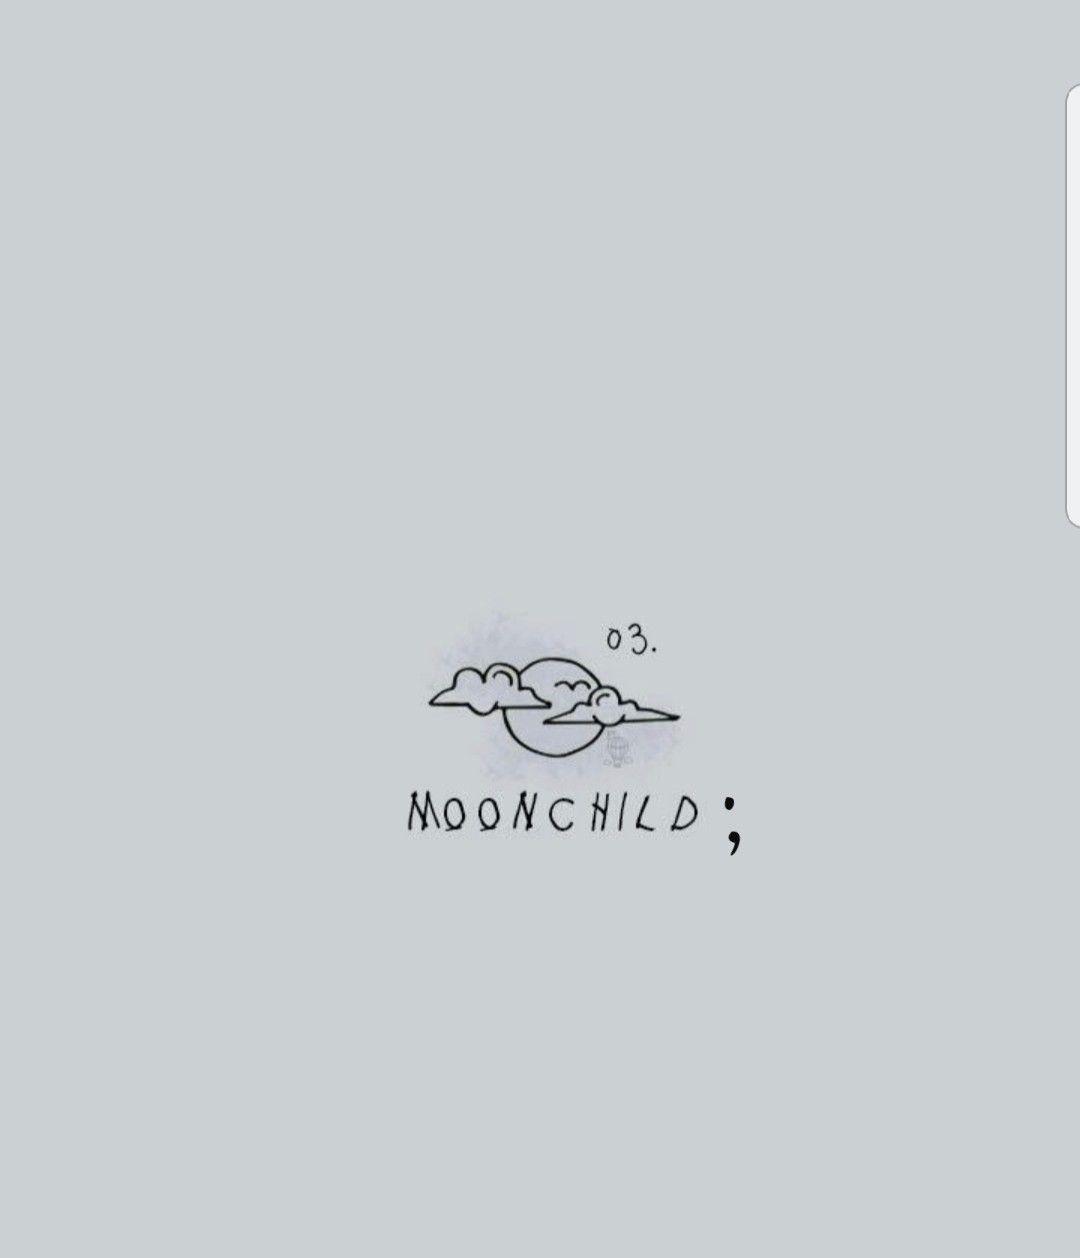 Next Tatto Kpop Tattoos Bts Tattoos Moon Child Tattoo